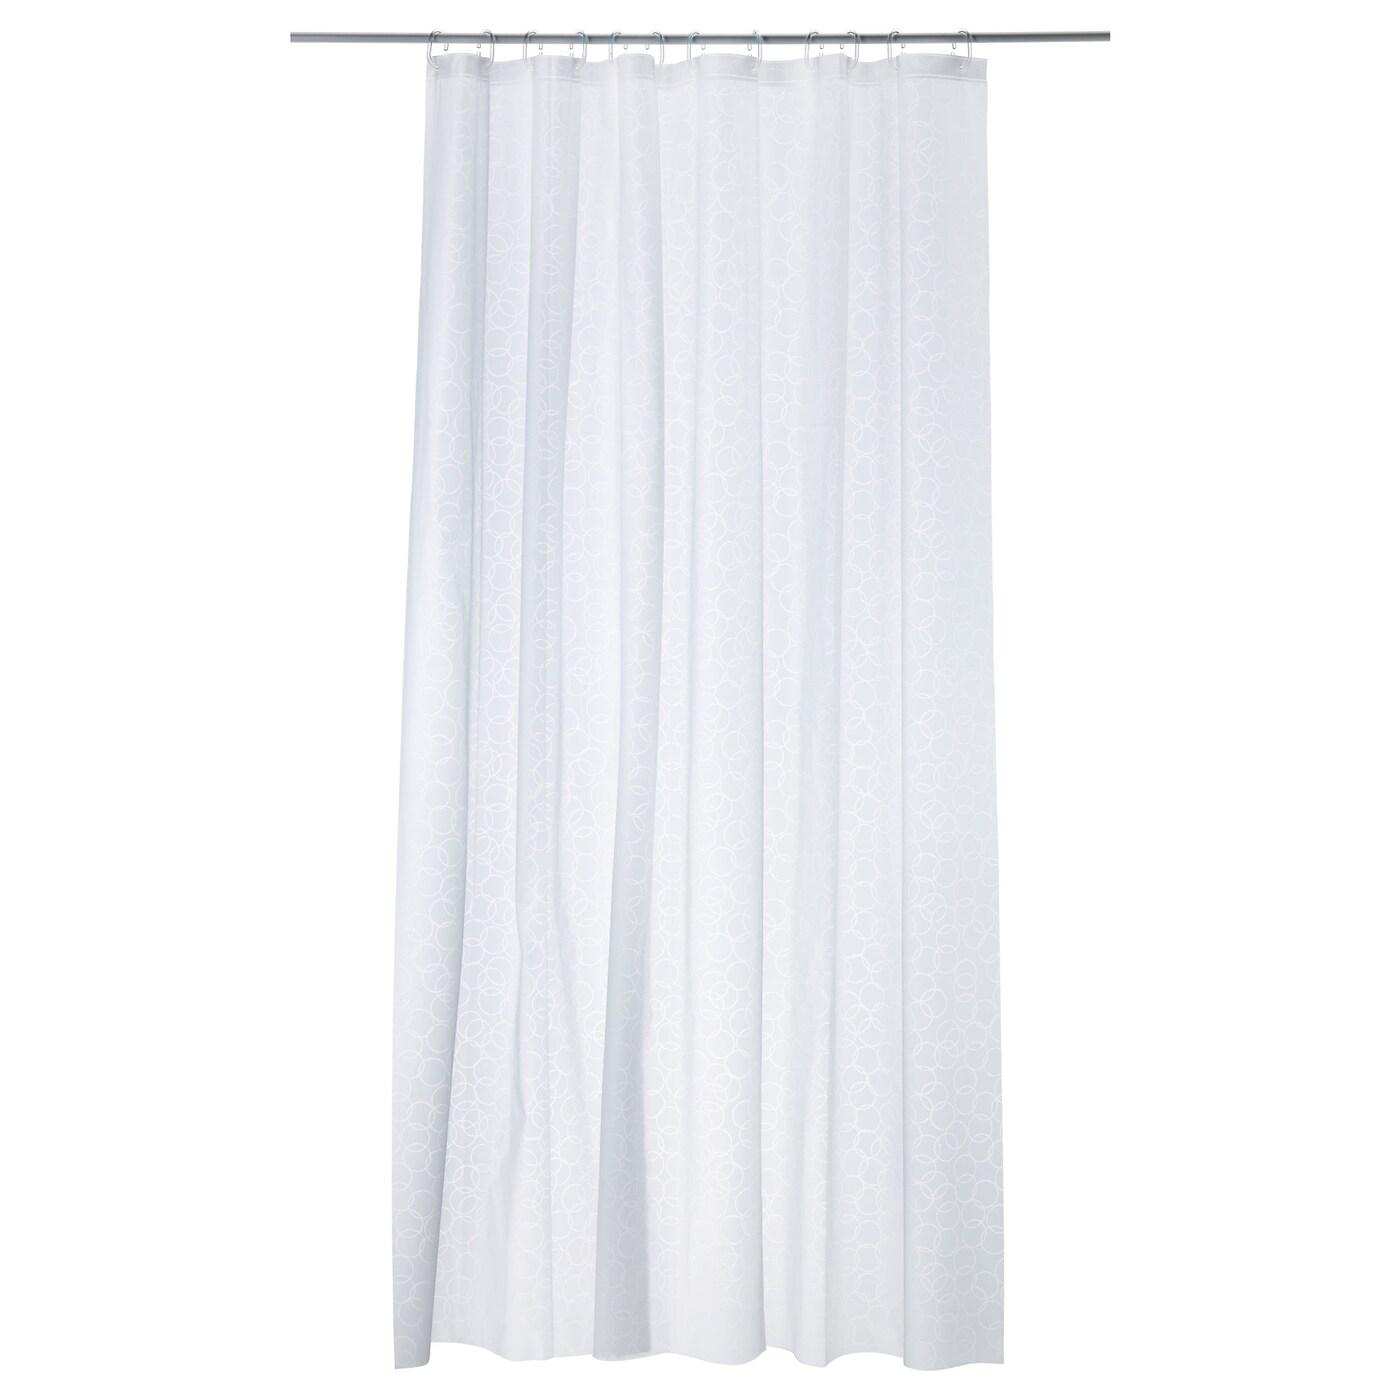 ИННАРЕН, штора для ванной, белый